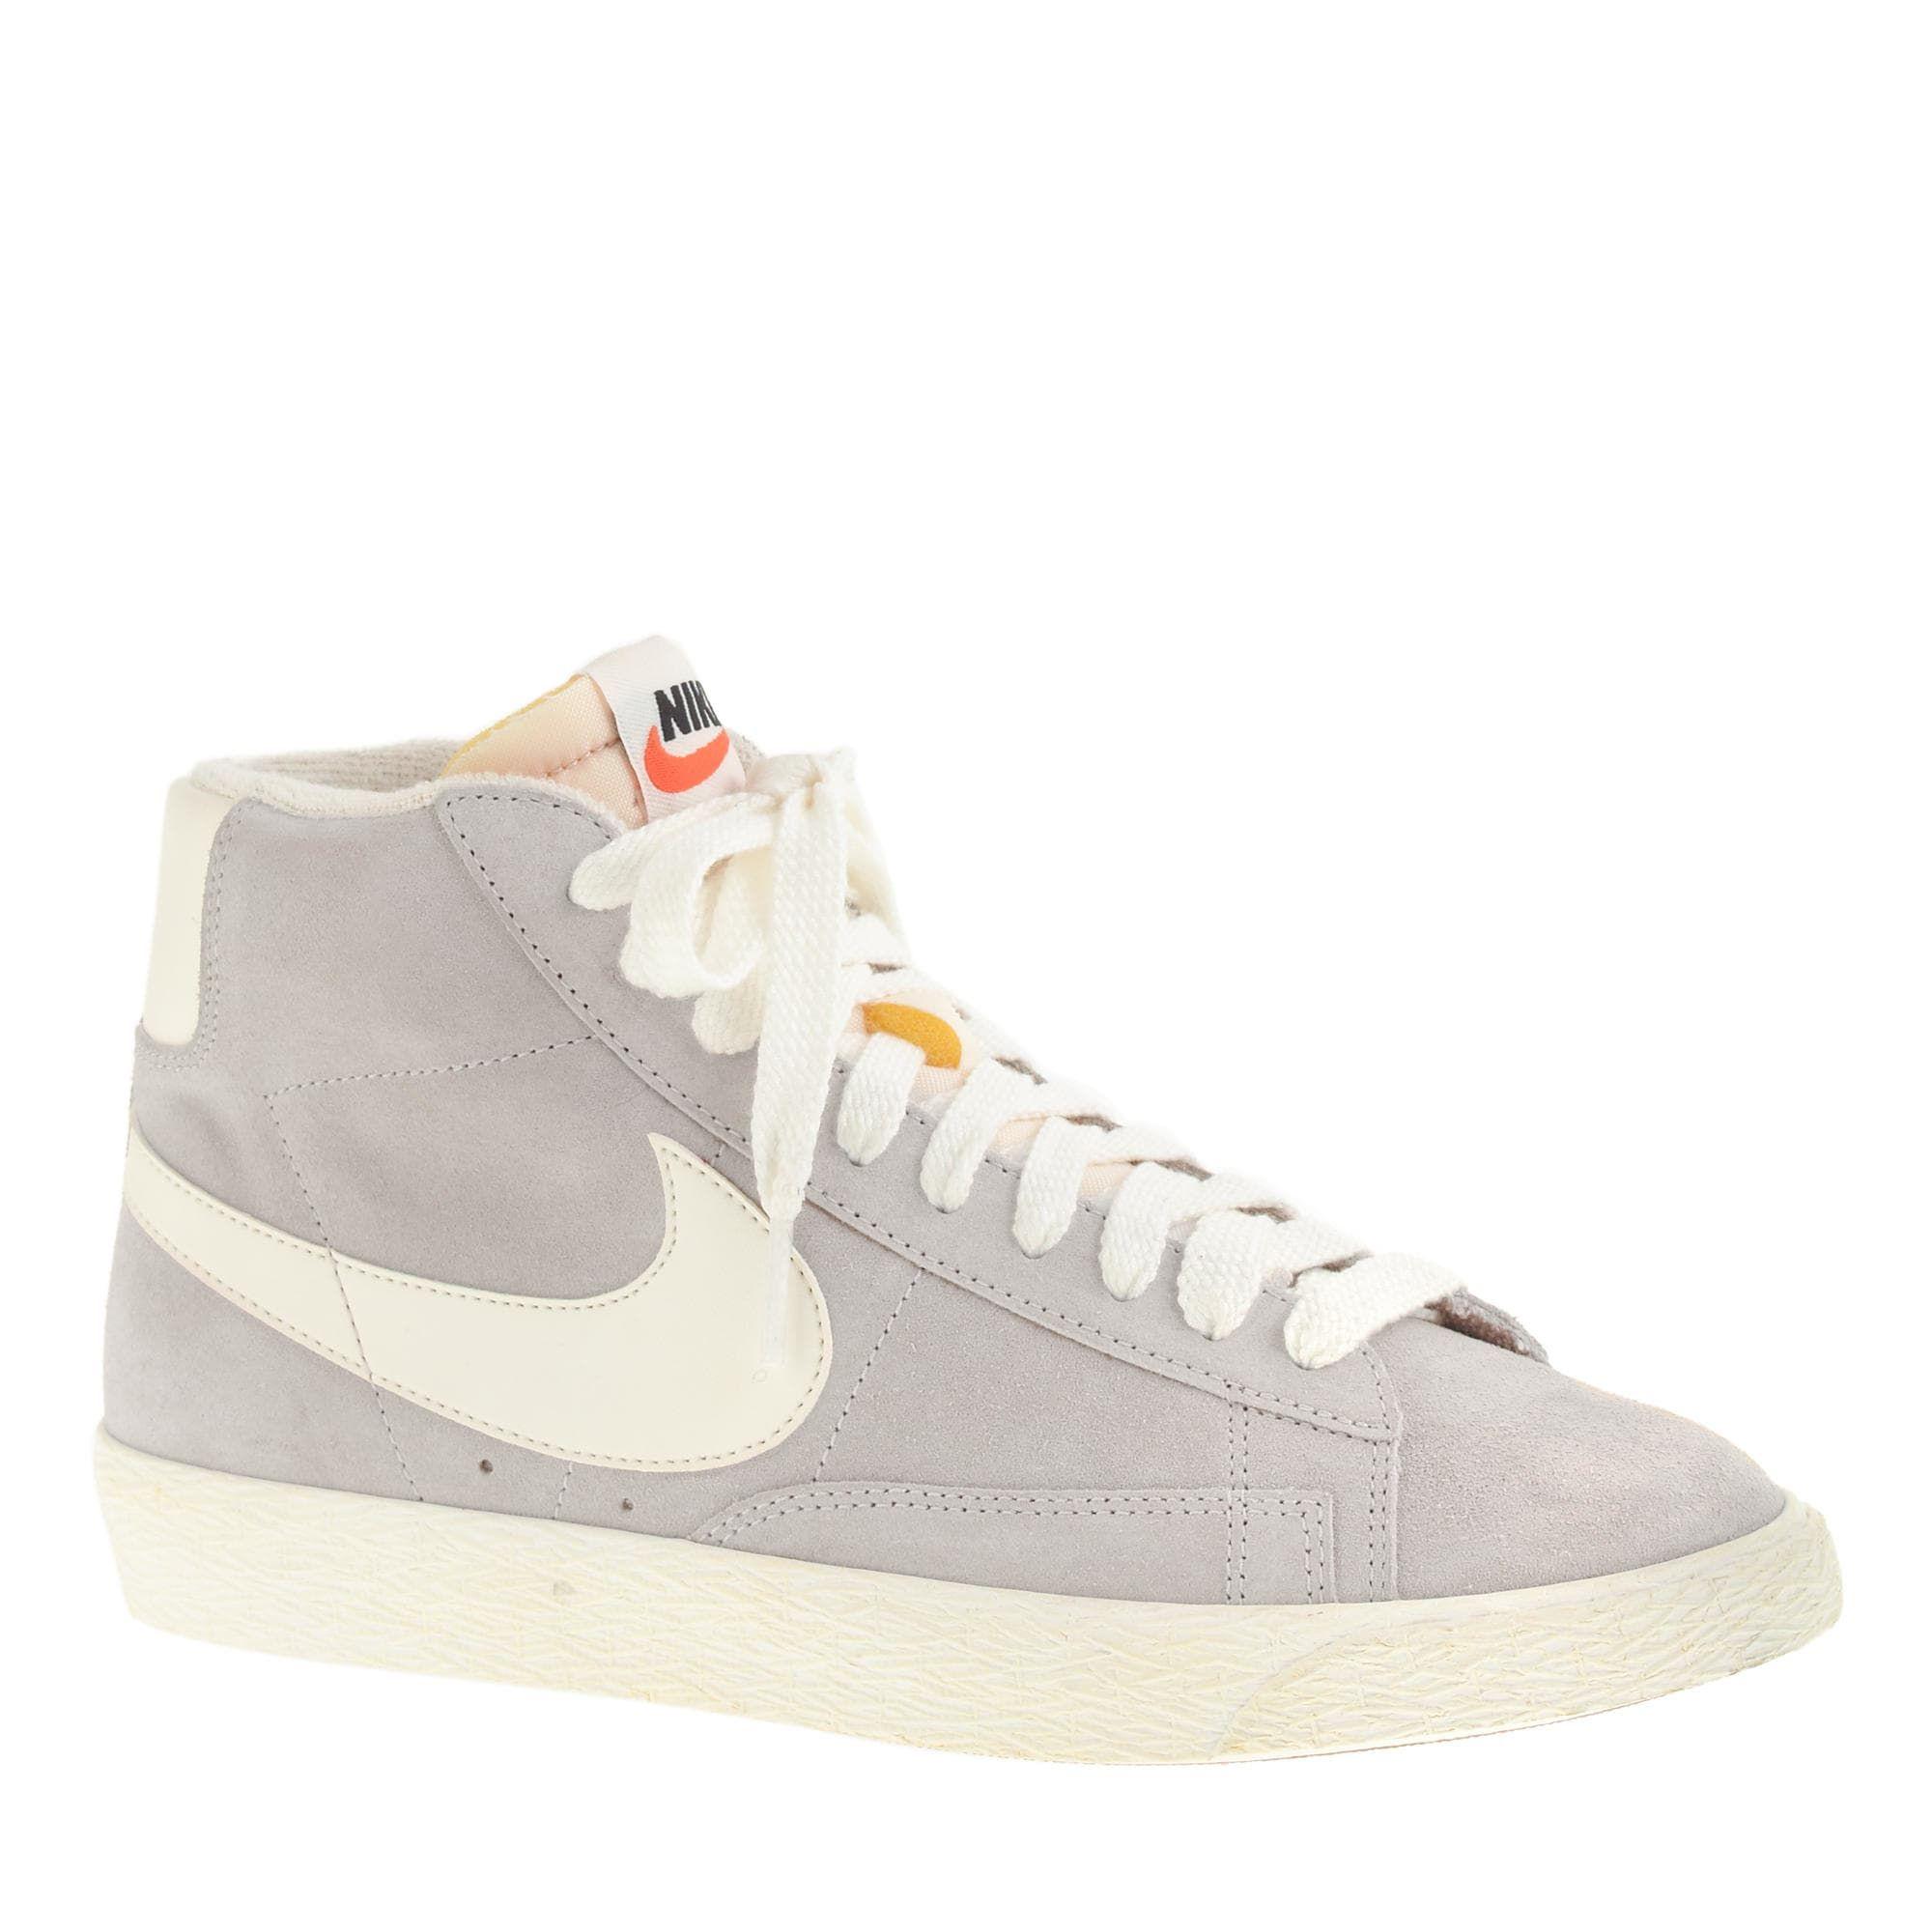 J.Crew - Nike   Vintage sneakers